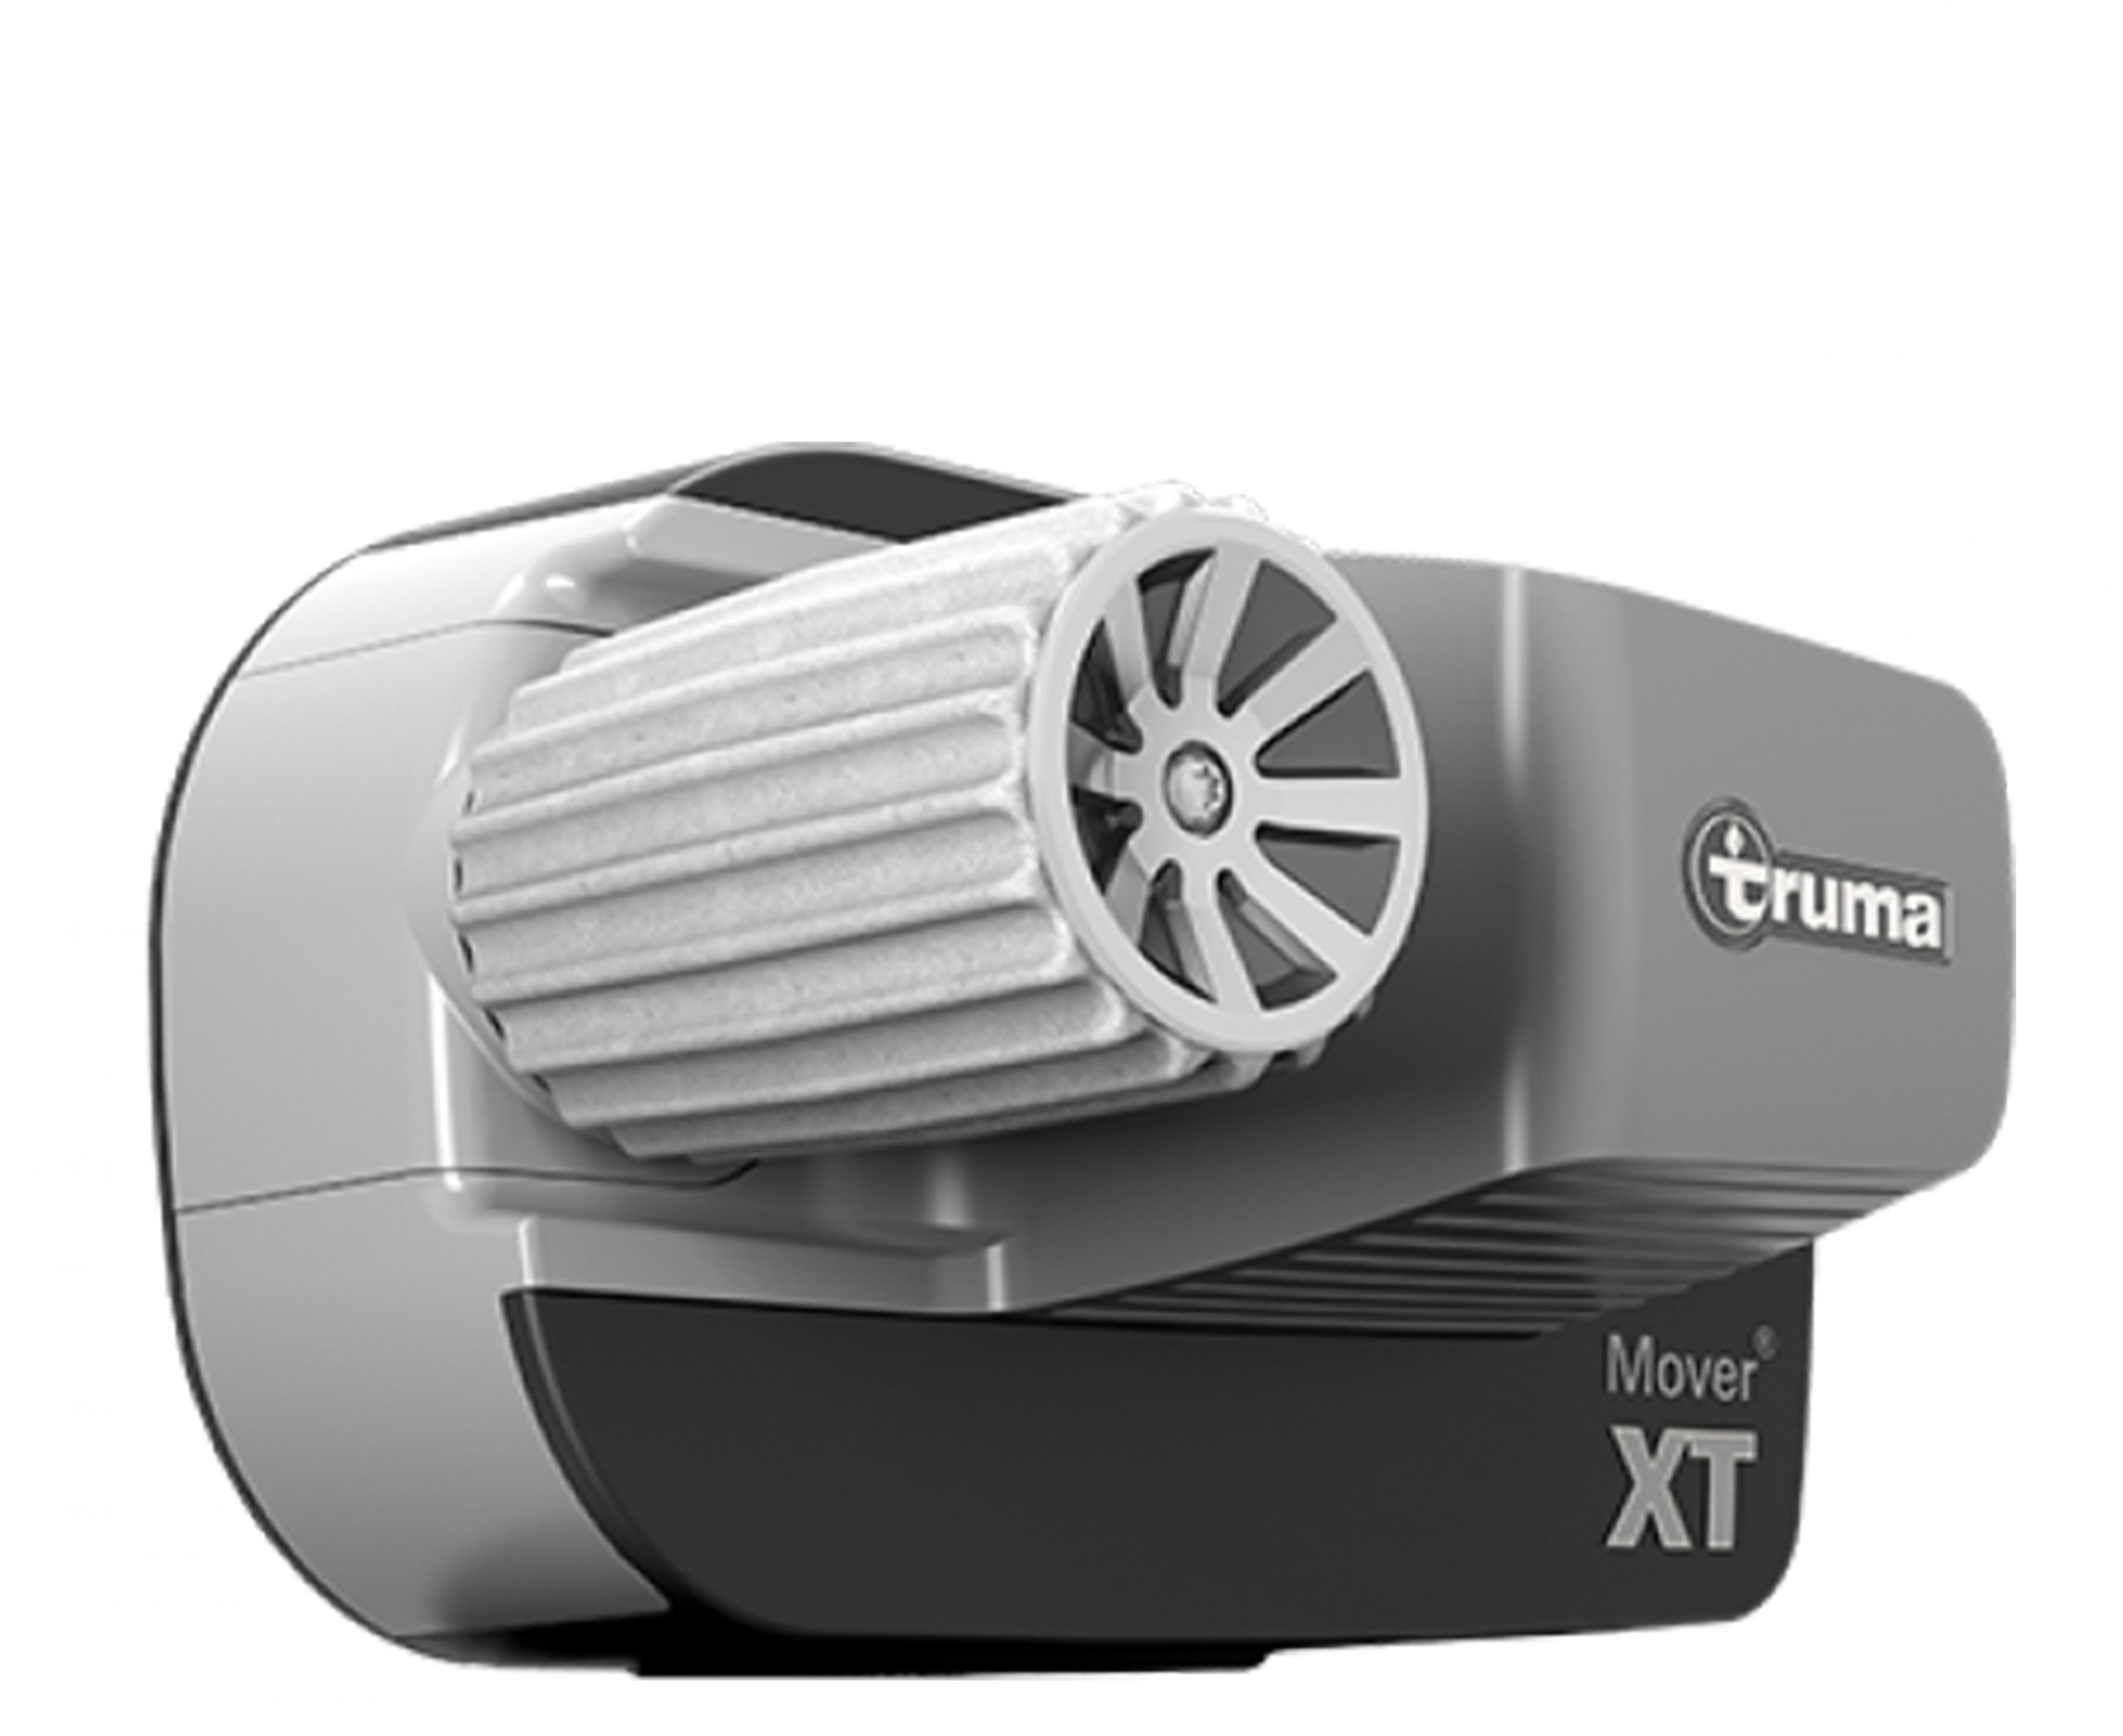 Mover truma SX volautomatisch Cannenburg